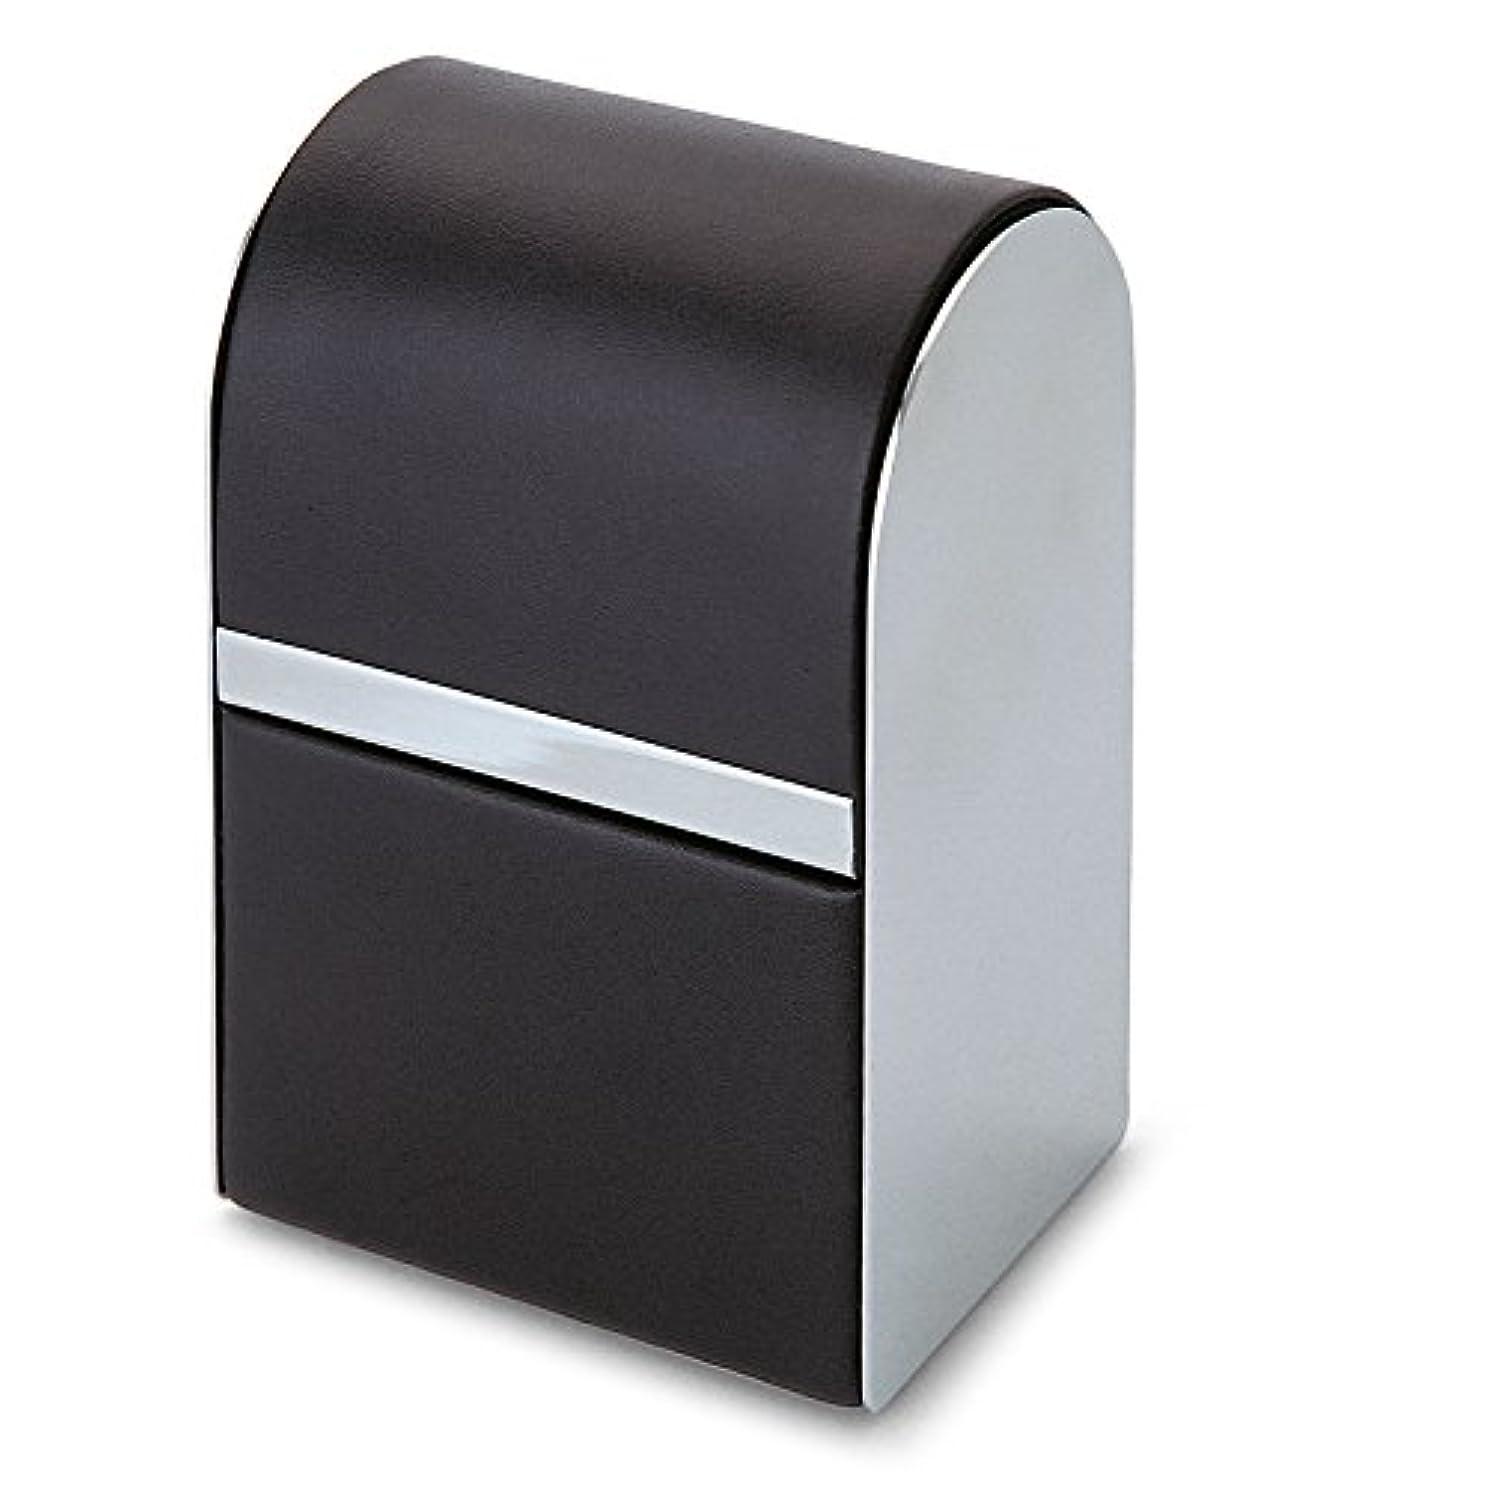 ペダル通信網不名誉なPhilippi Giorgio メンズ身だしなみキット 7pcsセット leather stainless polished